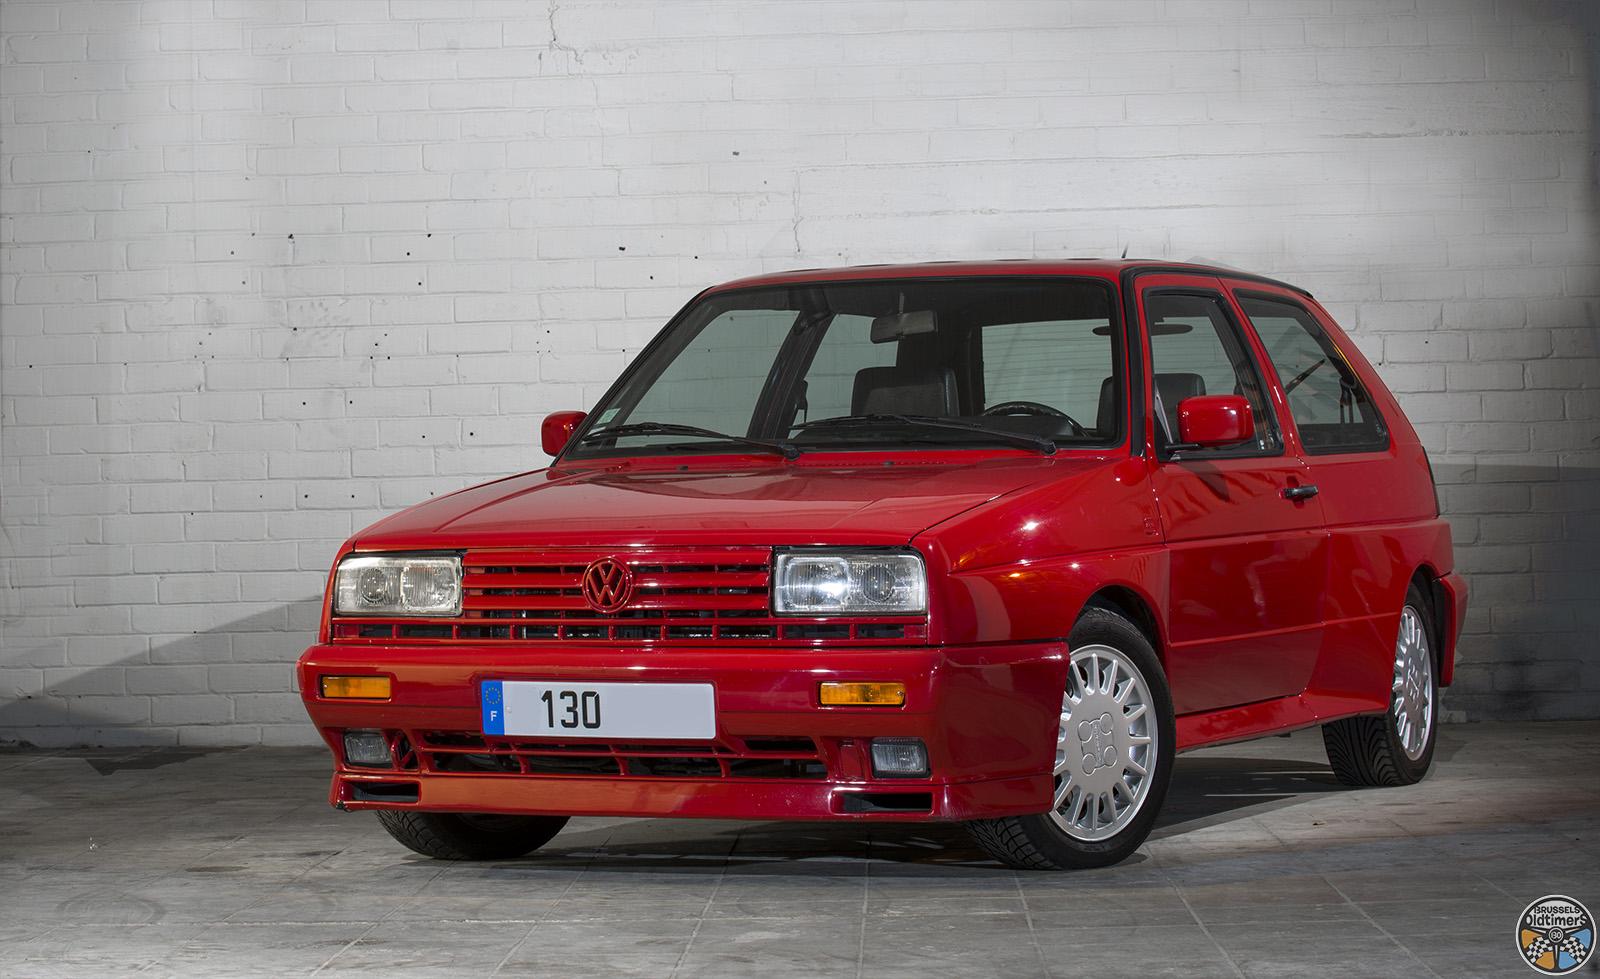 Volkswagen Golf 2 Rallye